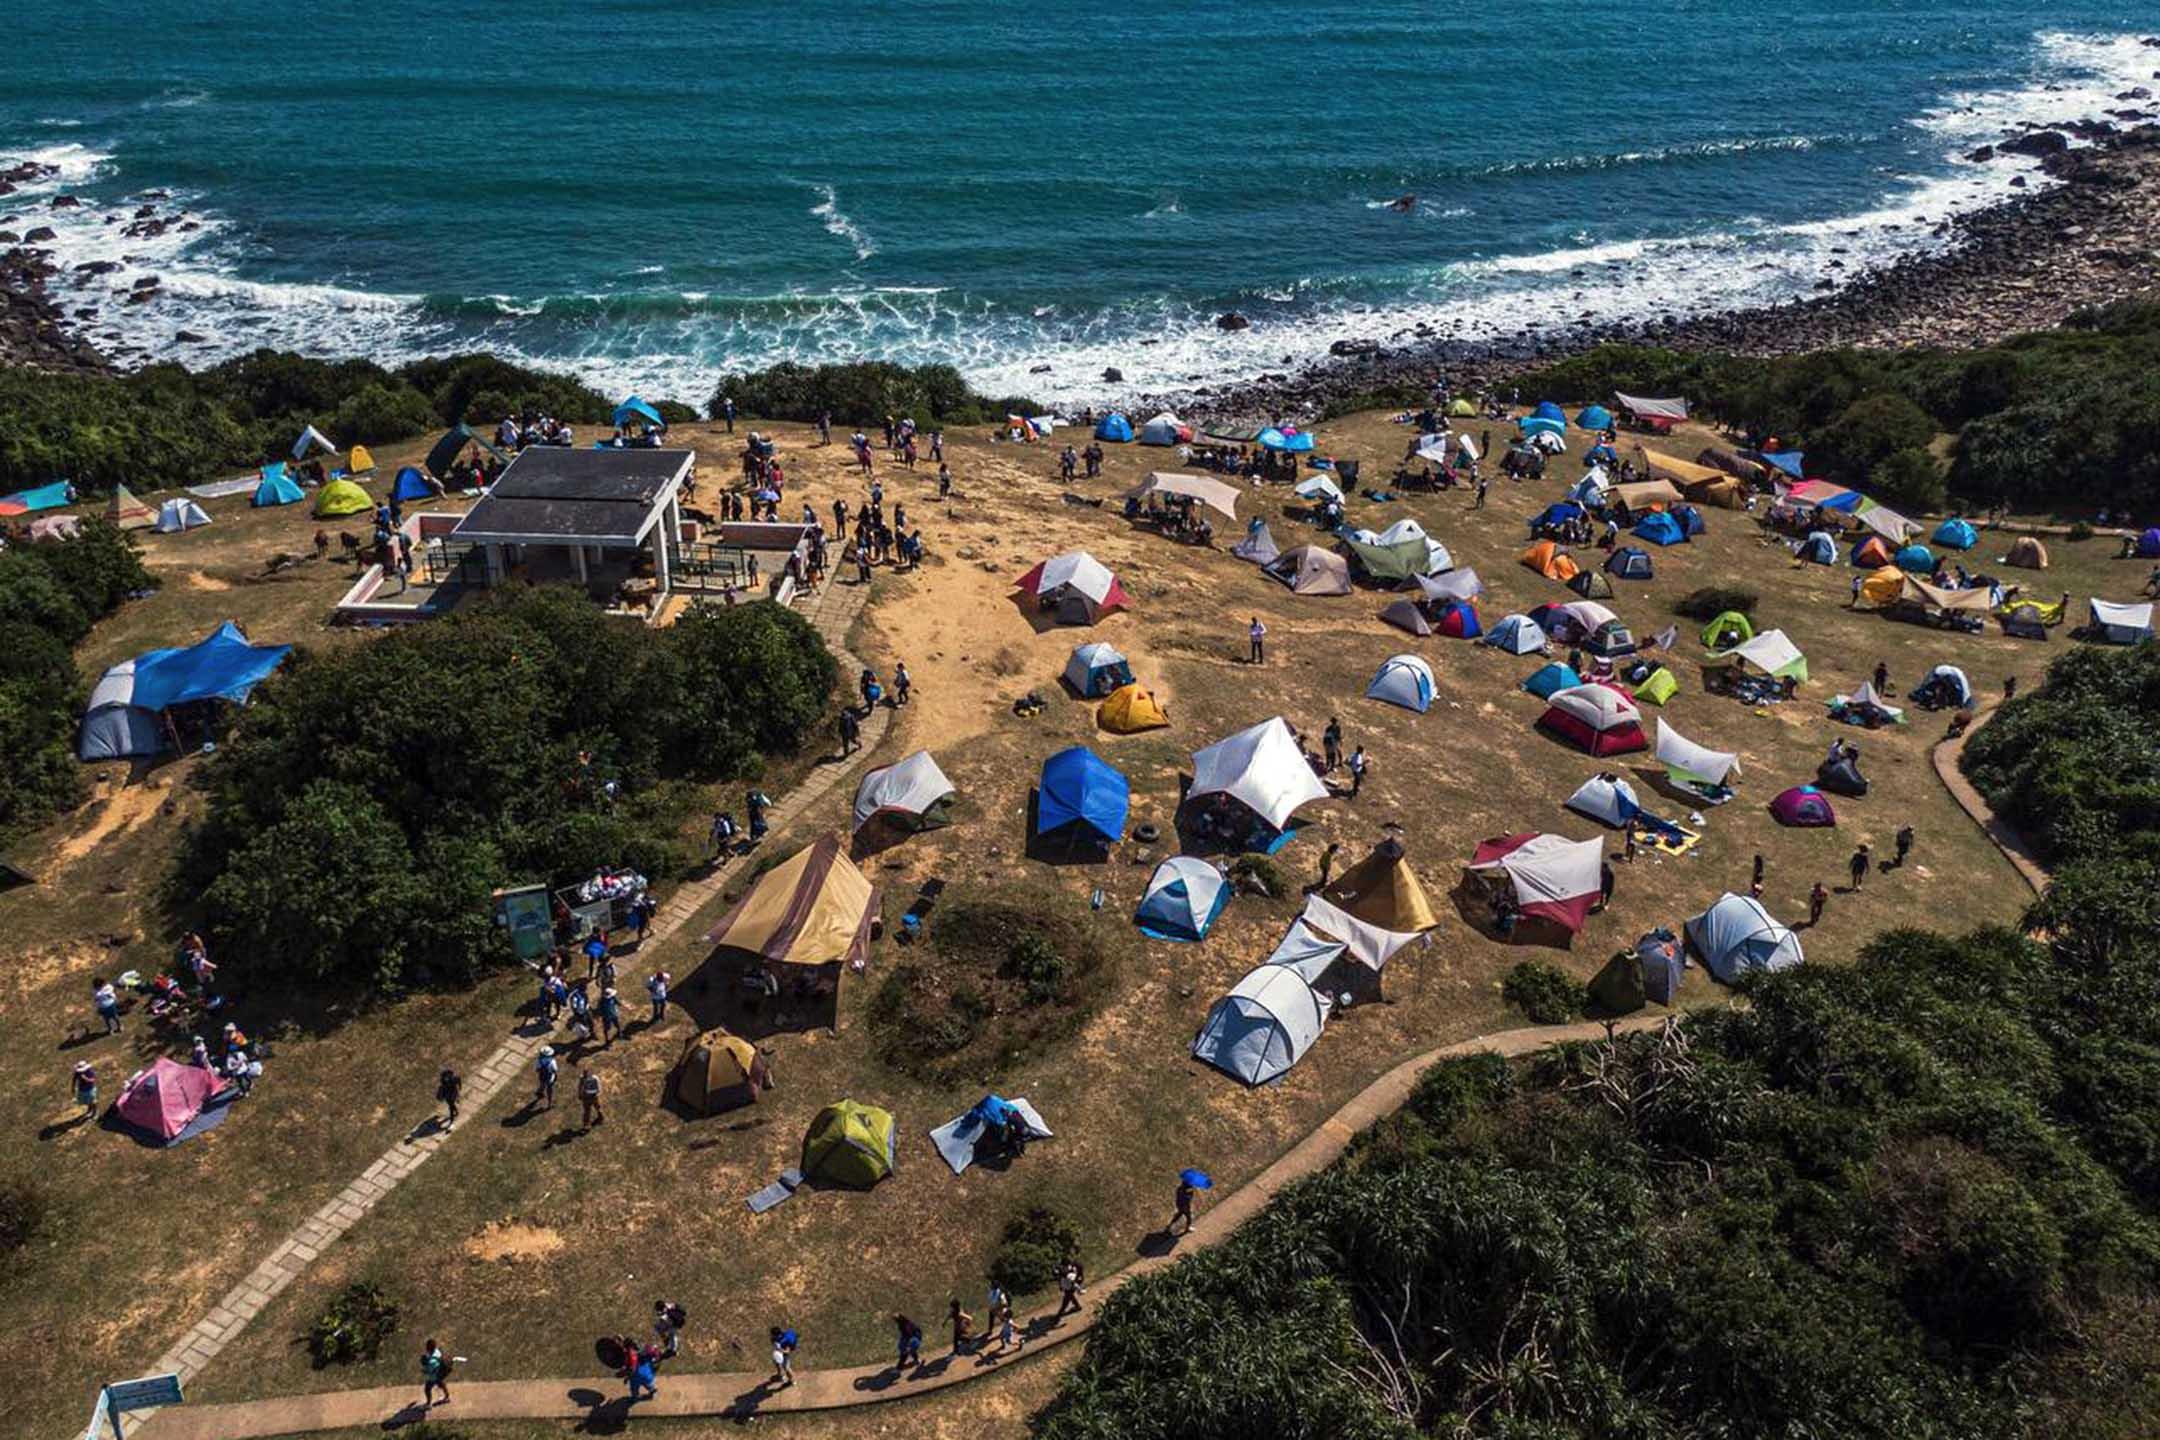 近年,塔門成為露營熱門勝地,草地遭頻密的踩踏,土壤變得沙質化。